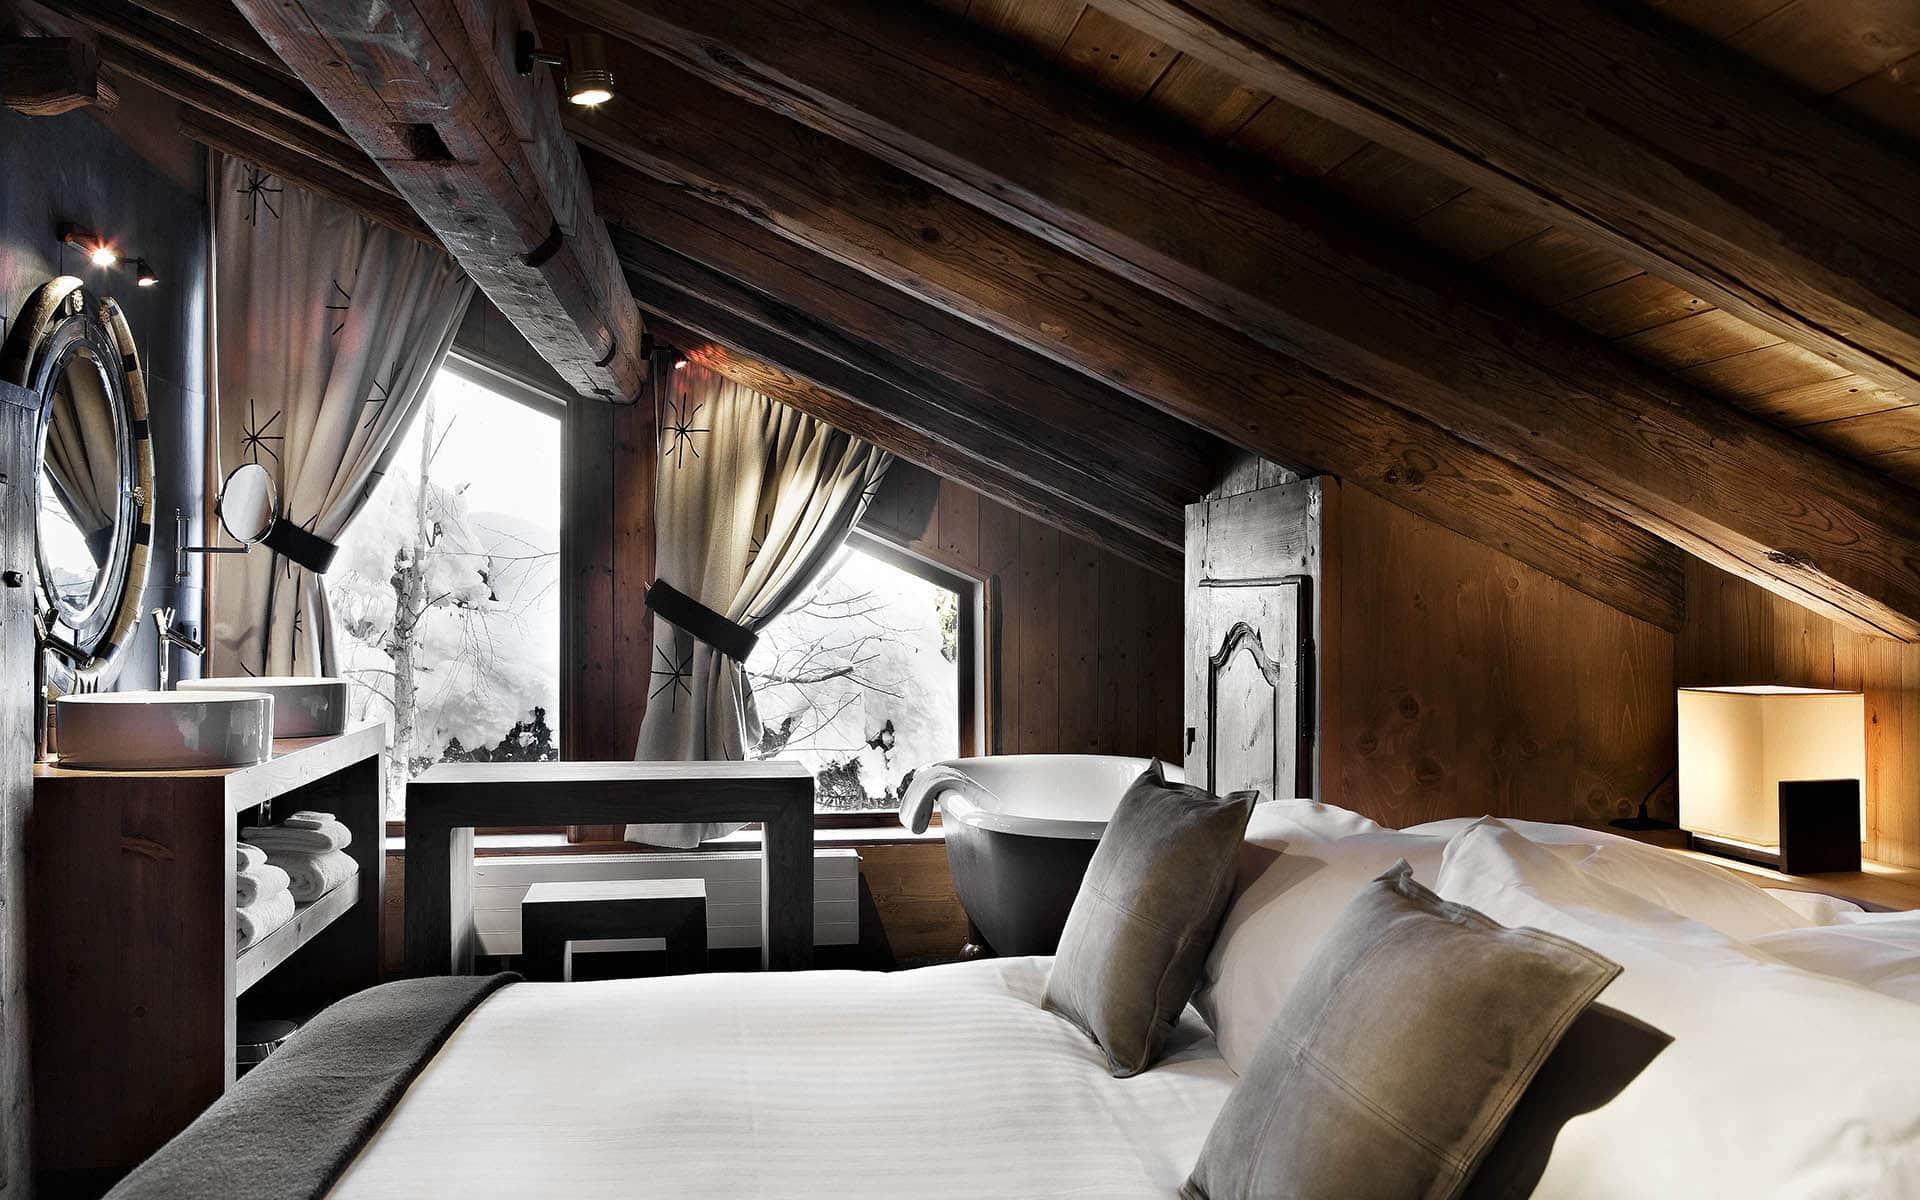 Еще одна идея для расположении спальни на мансардном этаже